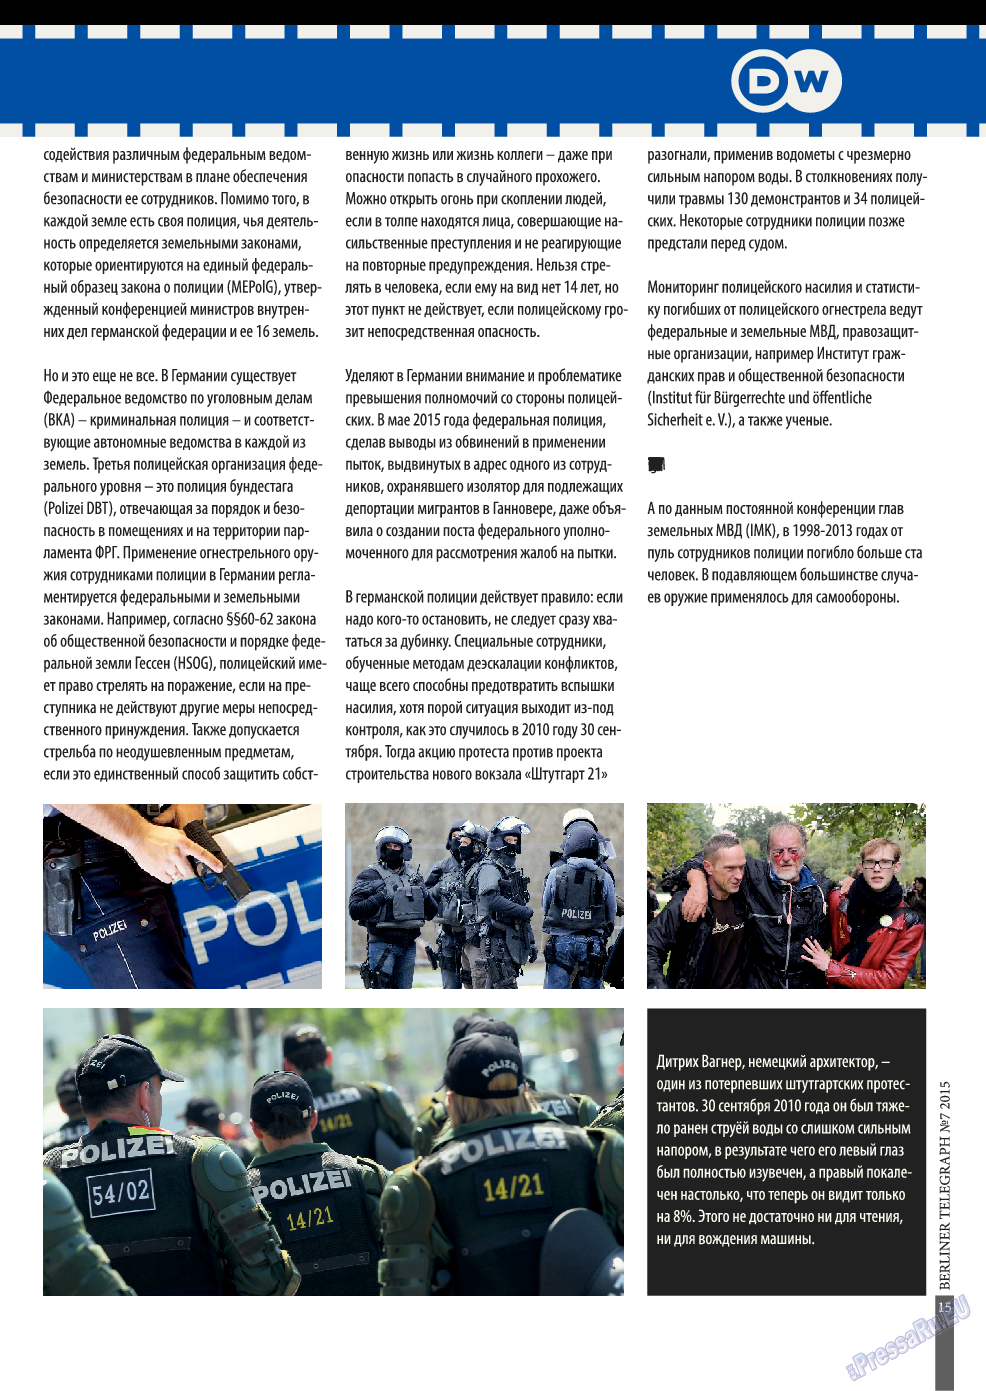 Берлинский телеграф (журнал). 2015 год, номер 8, стр. 15